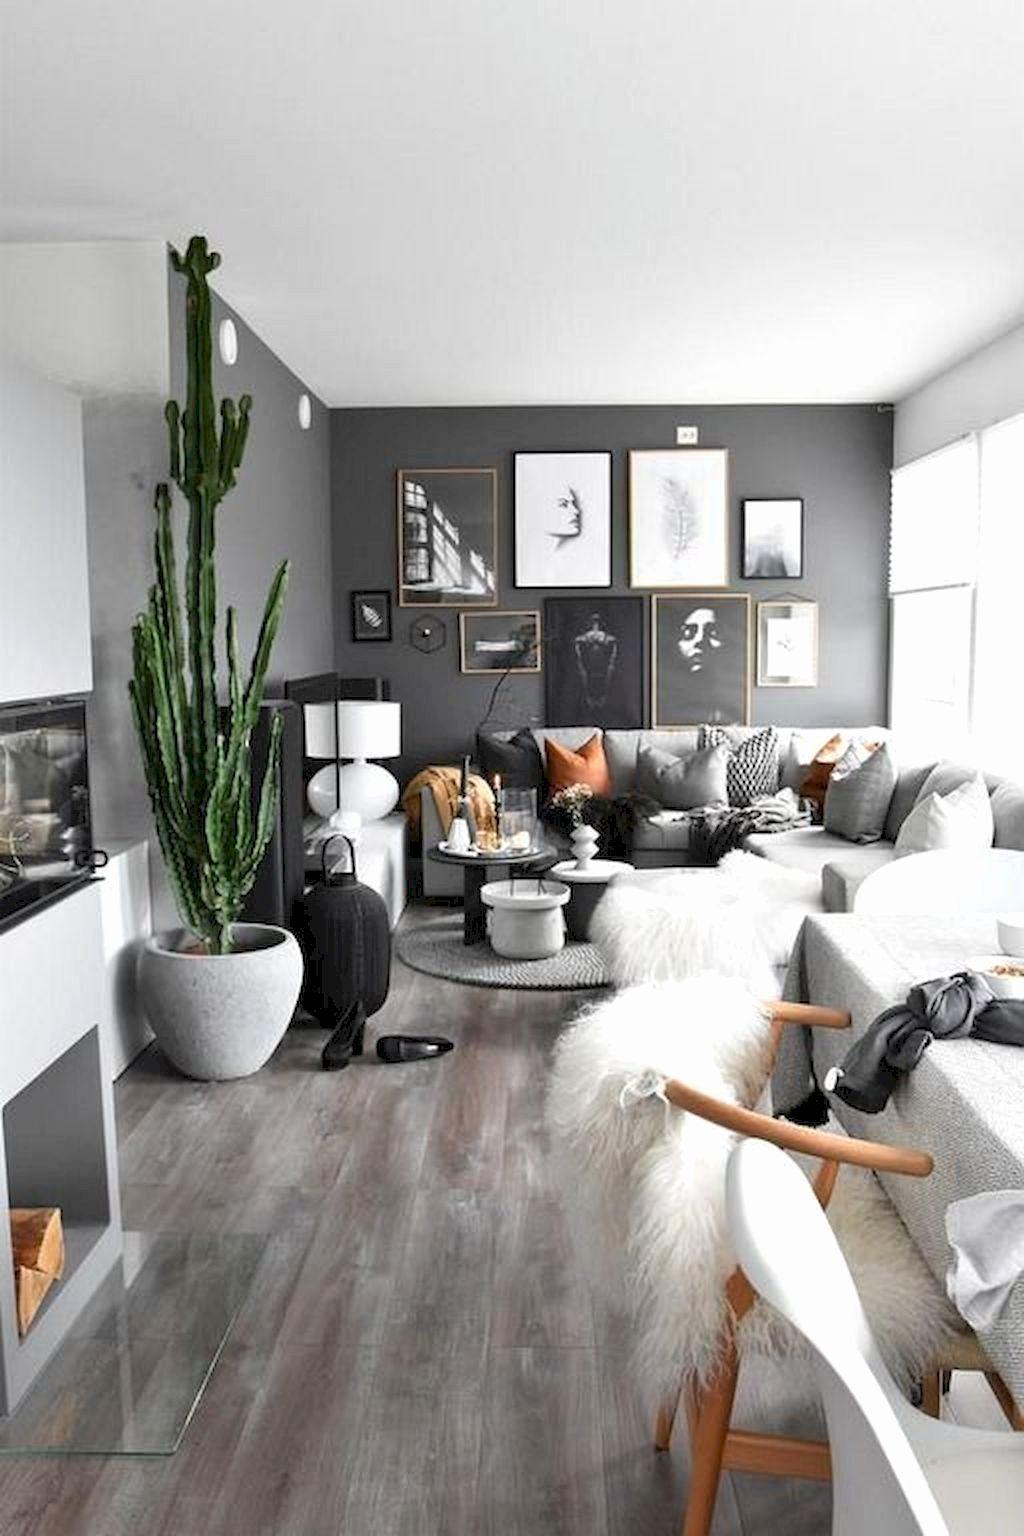 Modern Living Room Decor Pinterest Elegant What Is Hot Pinterest Living Room Da C Cor With Image In 2020 Living Room Grey Black Living Room Decor Modern Grey Living Room